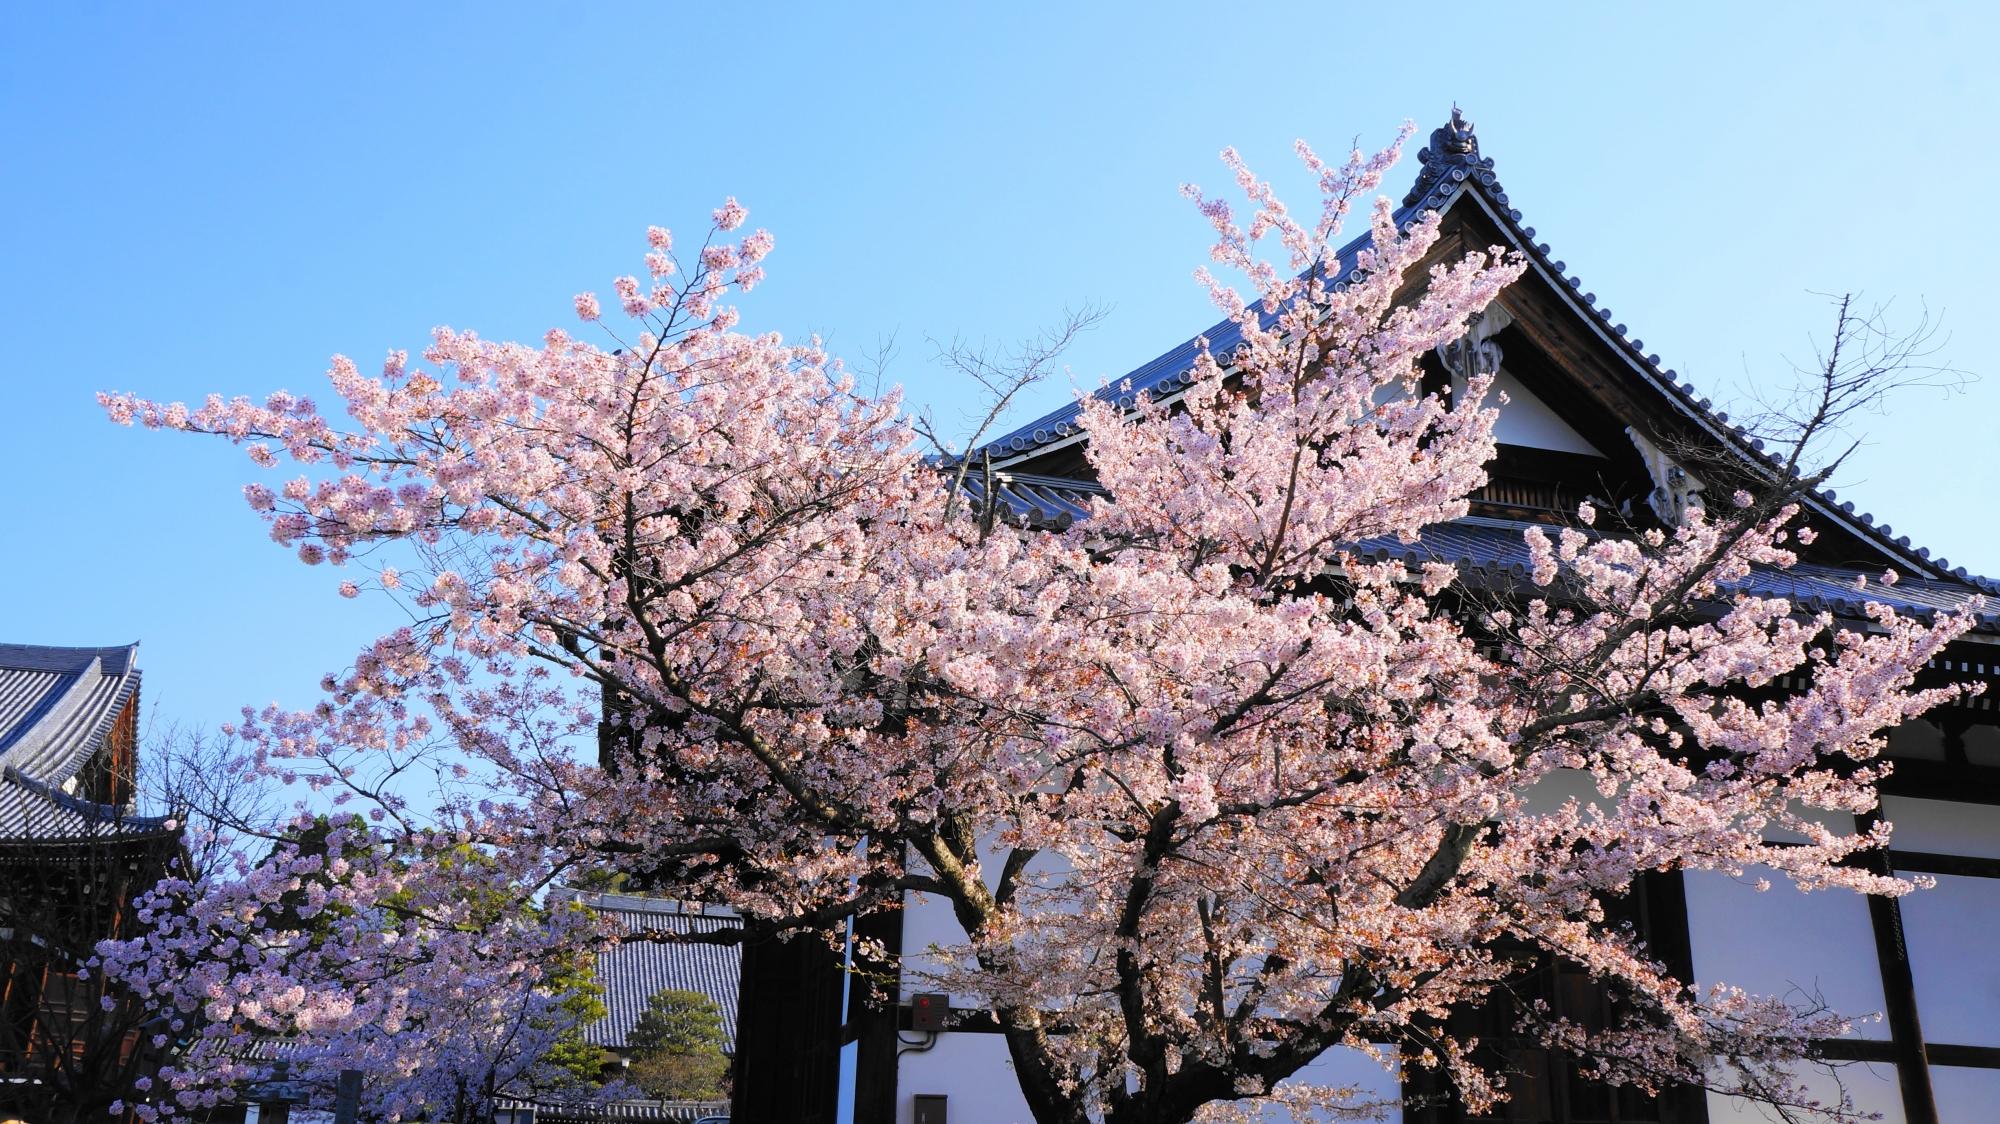 金戒光明寺の阿弥陀堂と上品で華やかな桜